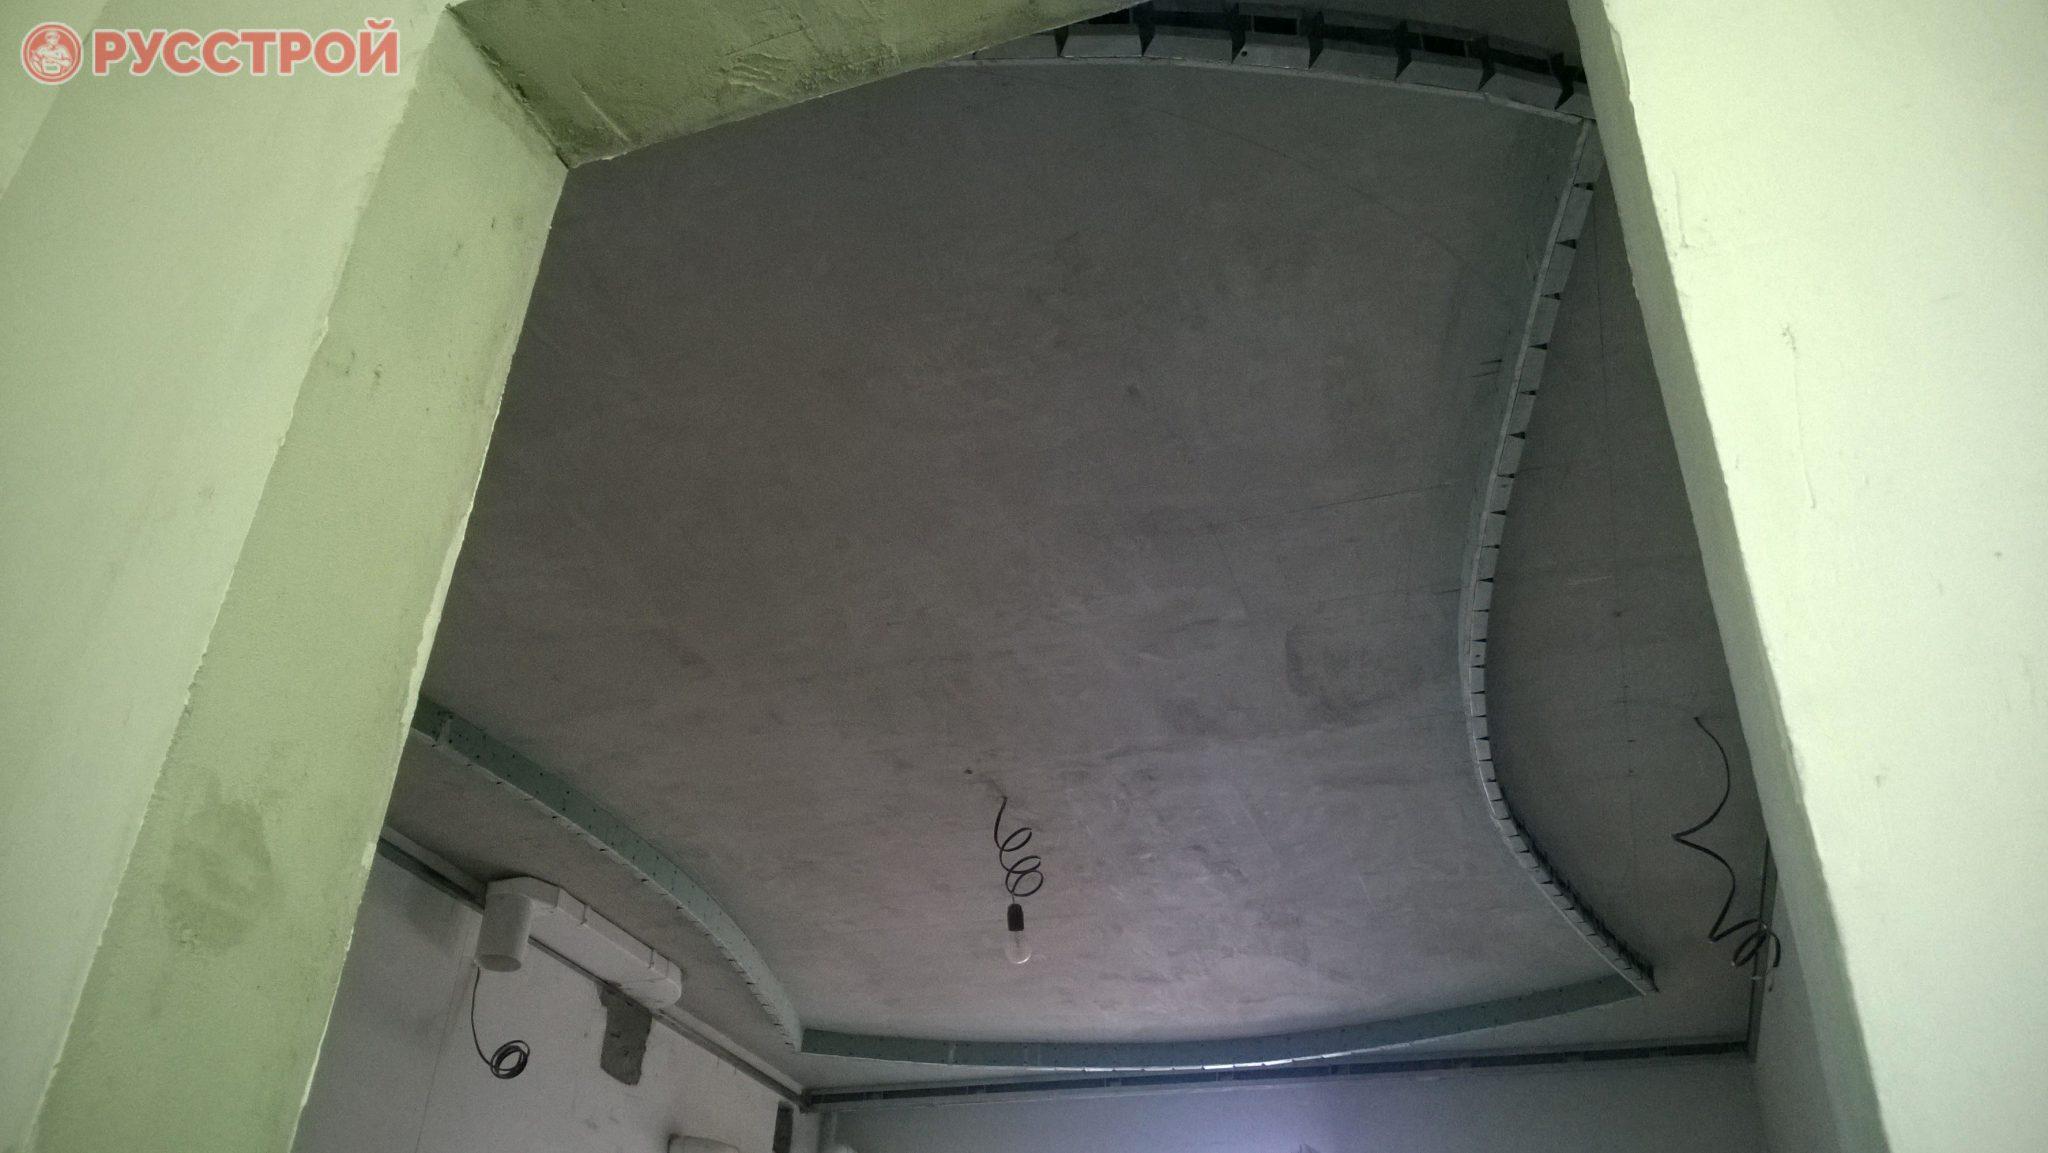 Второй уровень потолка из гипсокартона. Сделано ООО 'Русстрой' г. Калуга